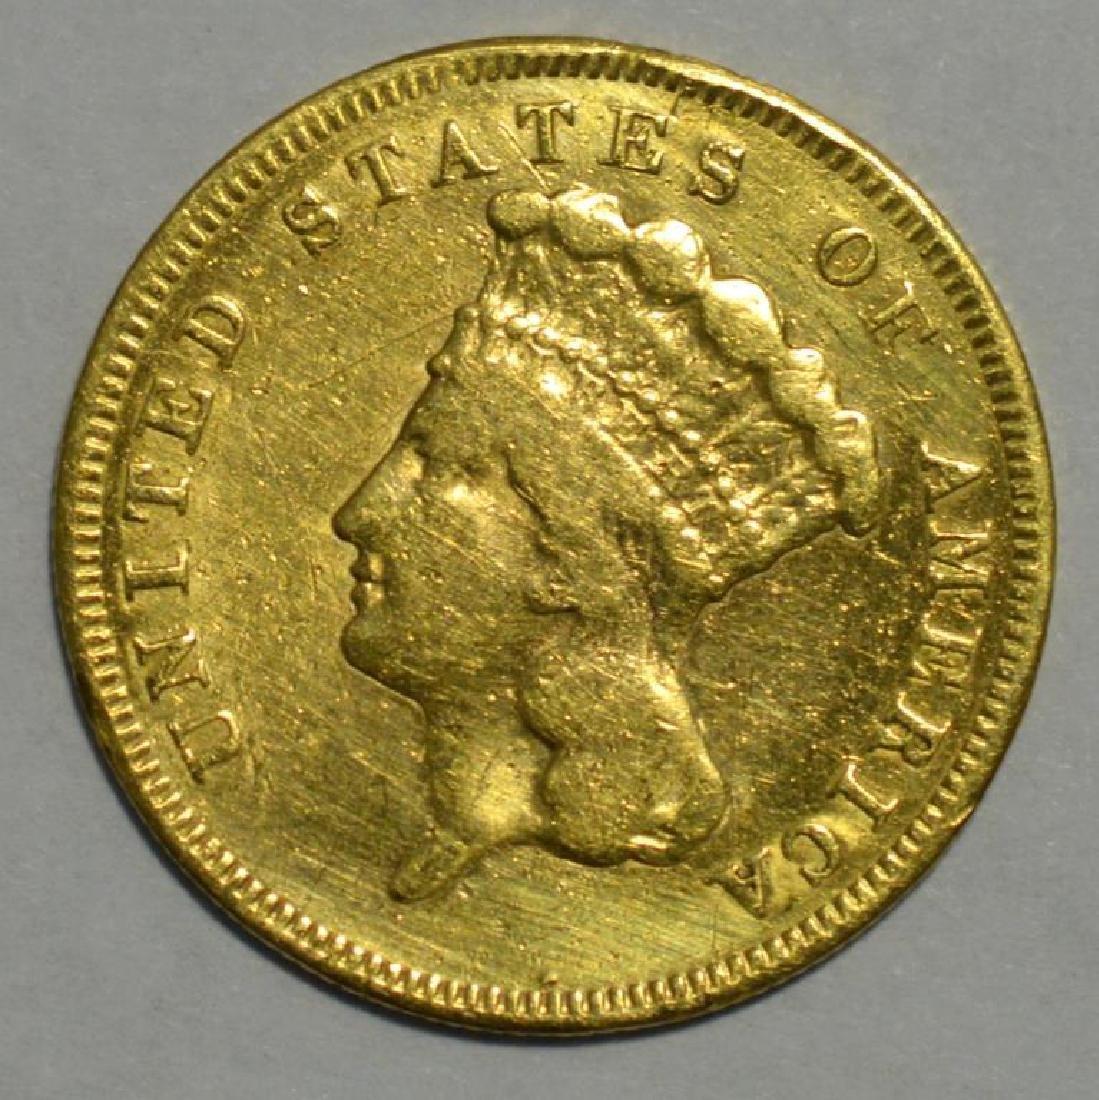 1855-S $3 Indian Princess Head Gold NGC A/S